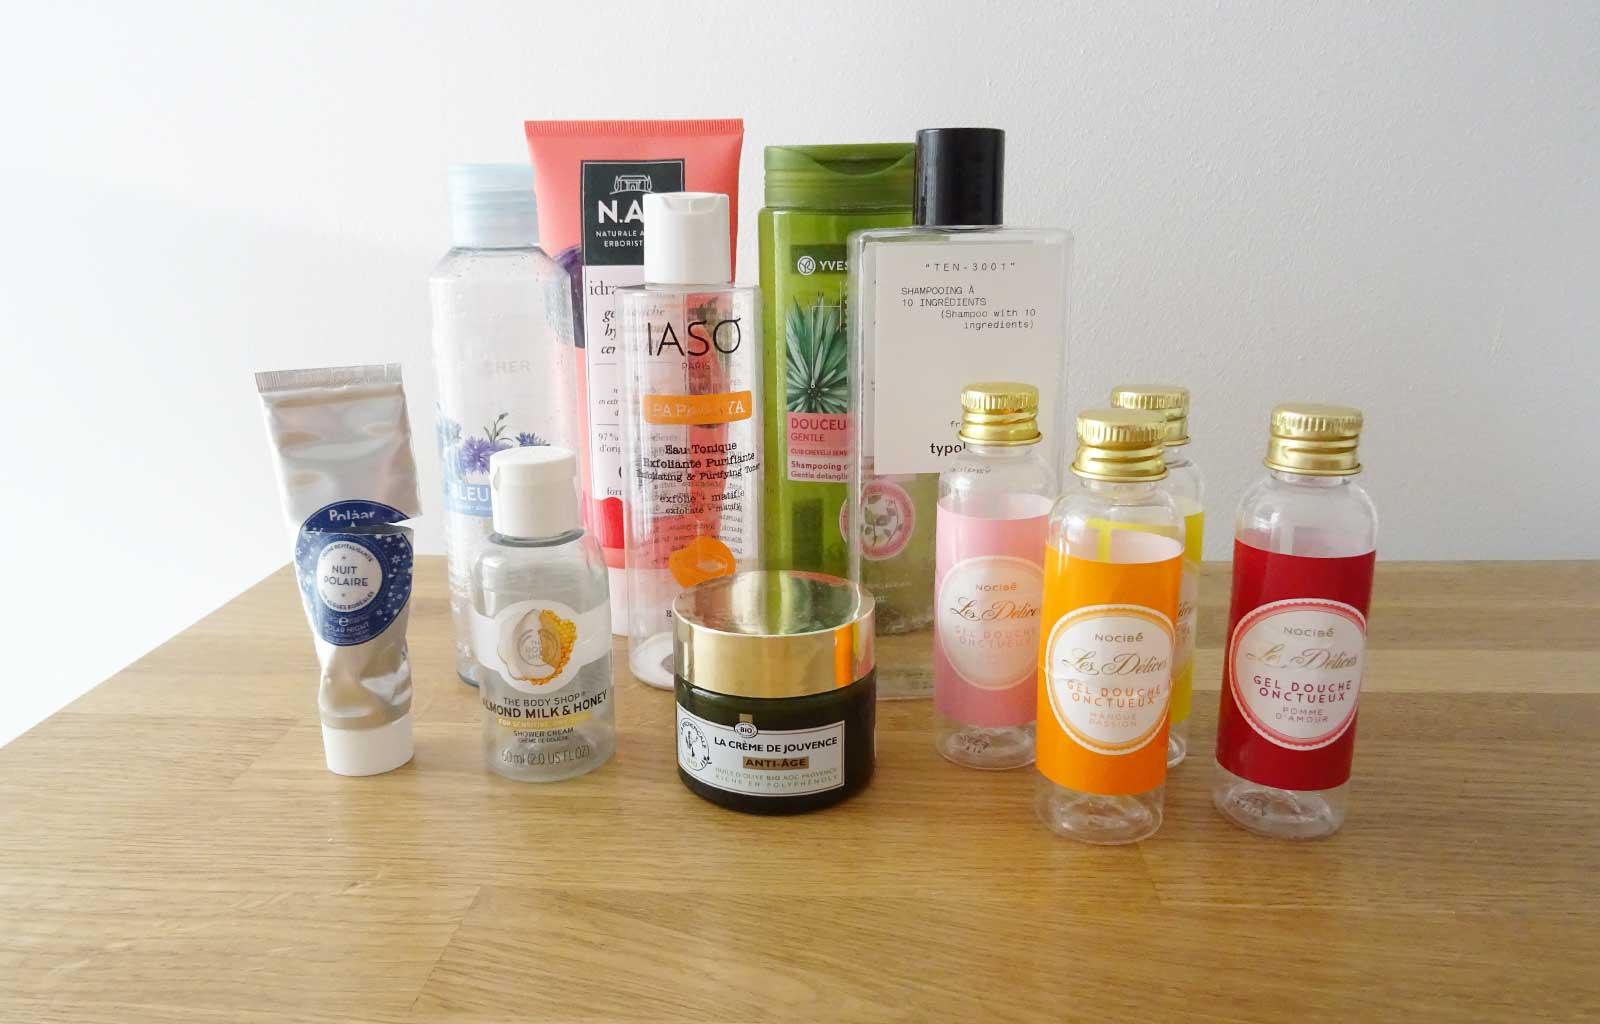 produits terminés produits hygiène soins visage